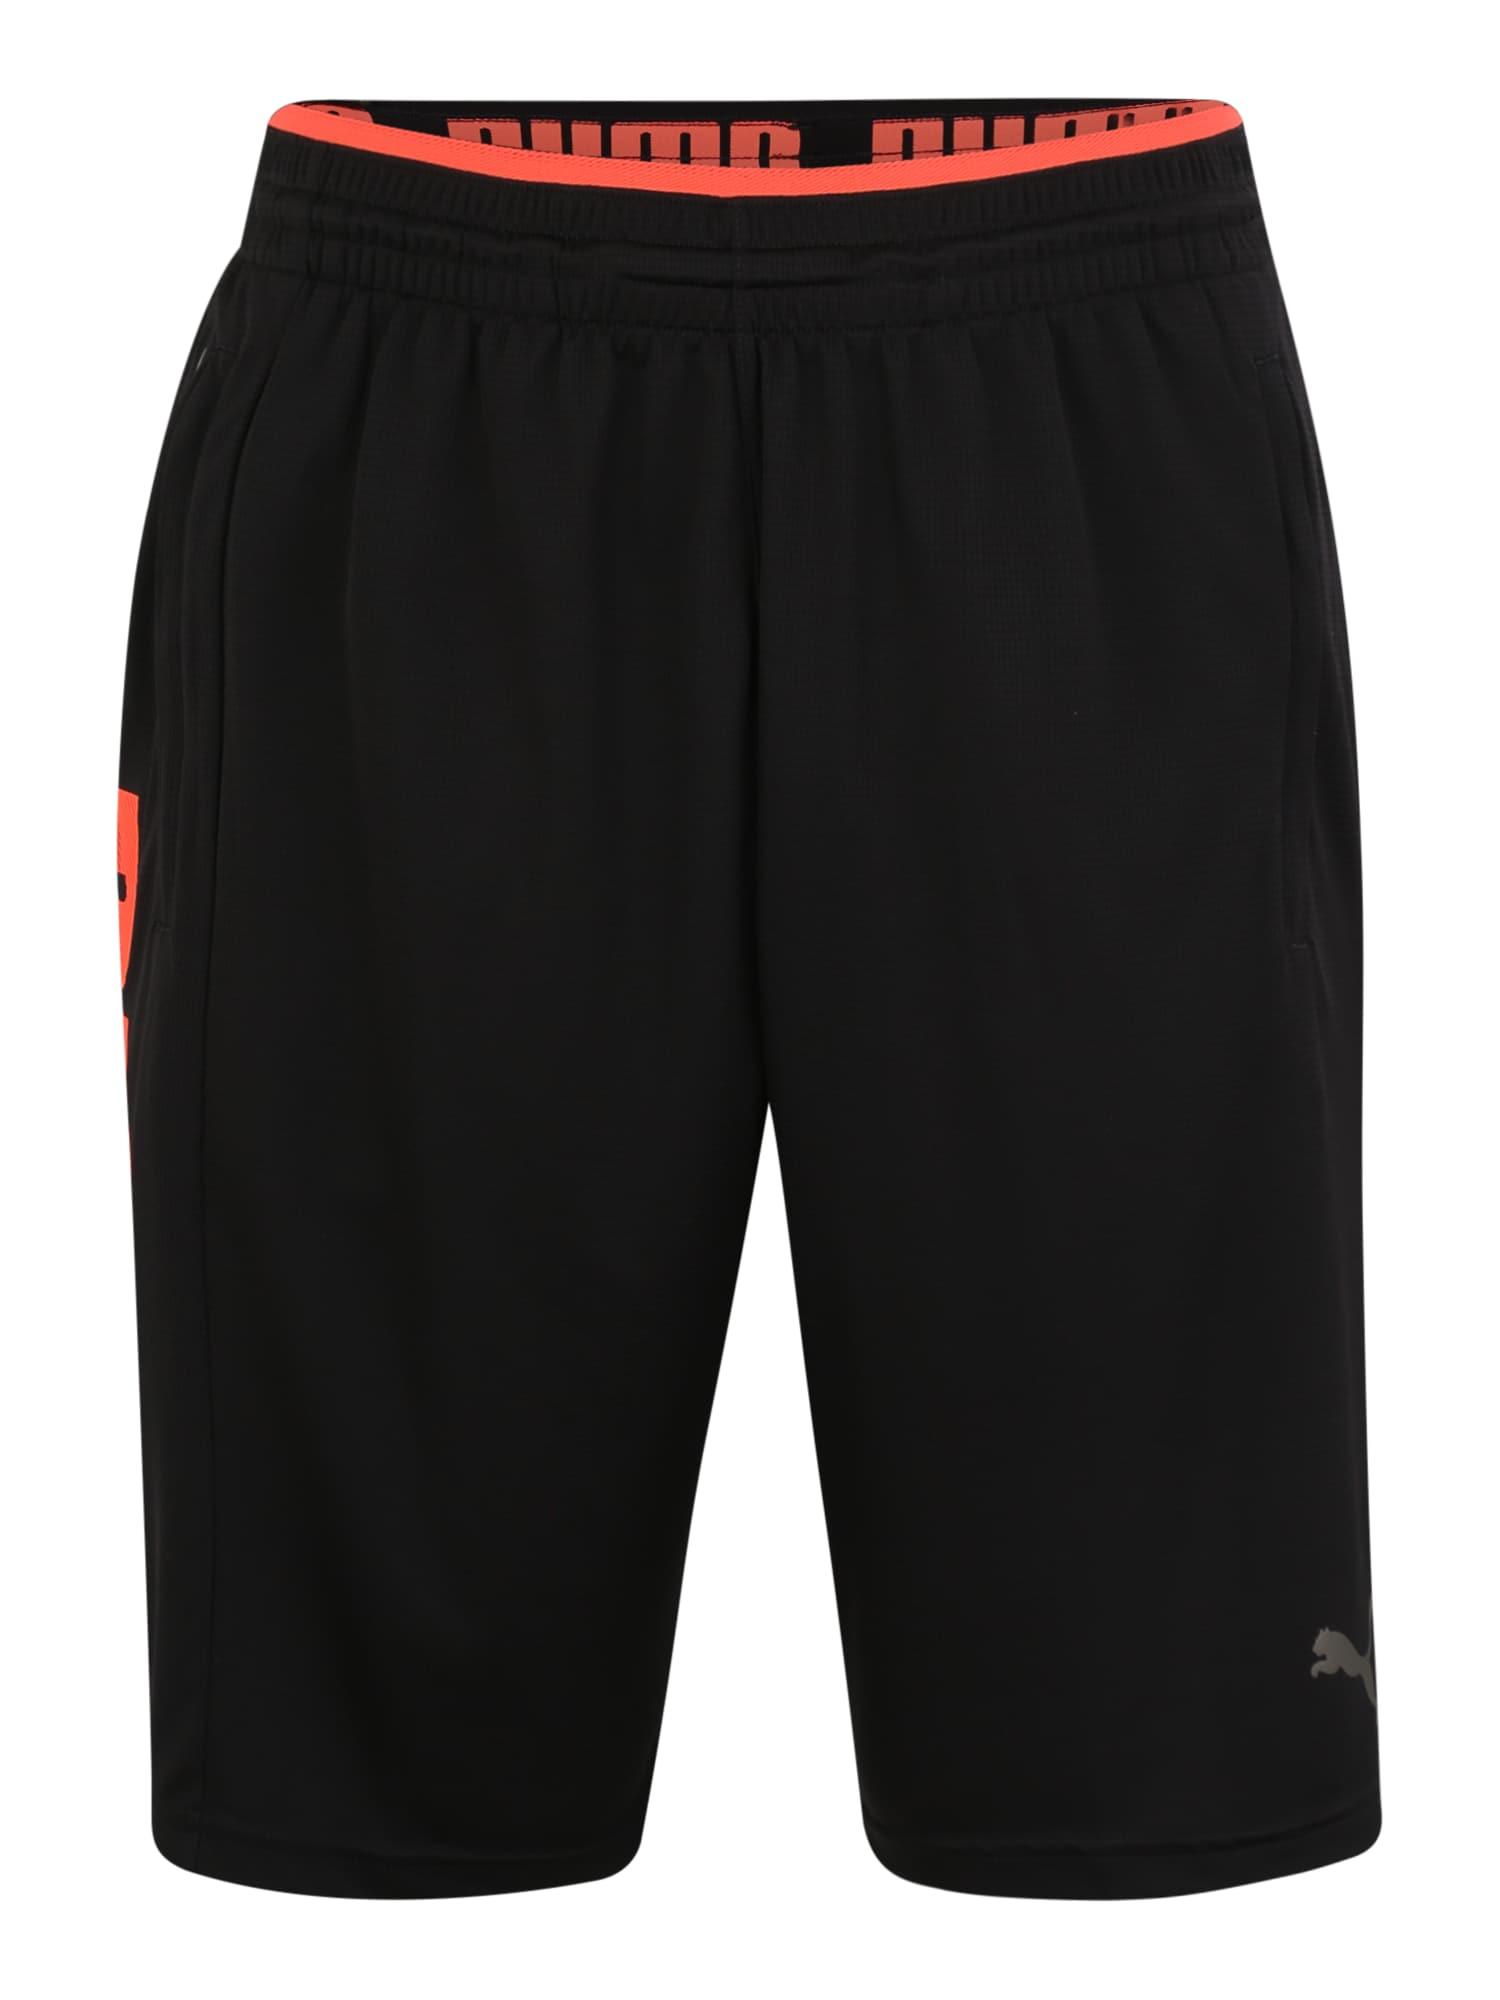 Sportovní kalhoty Collective Knit humrová černá PUMA